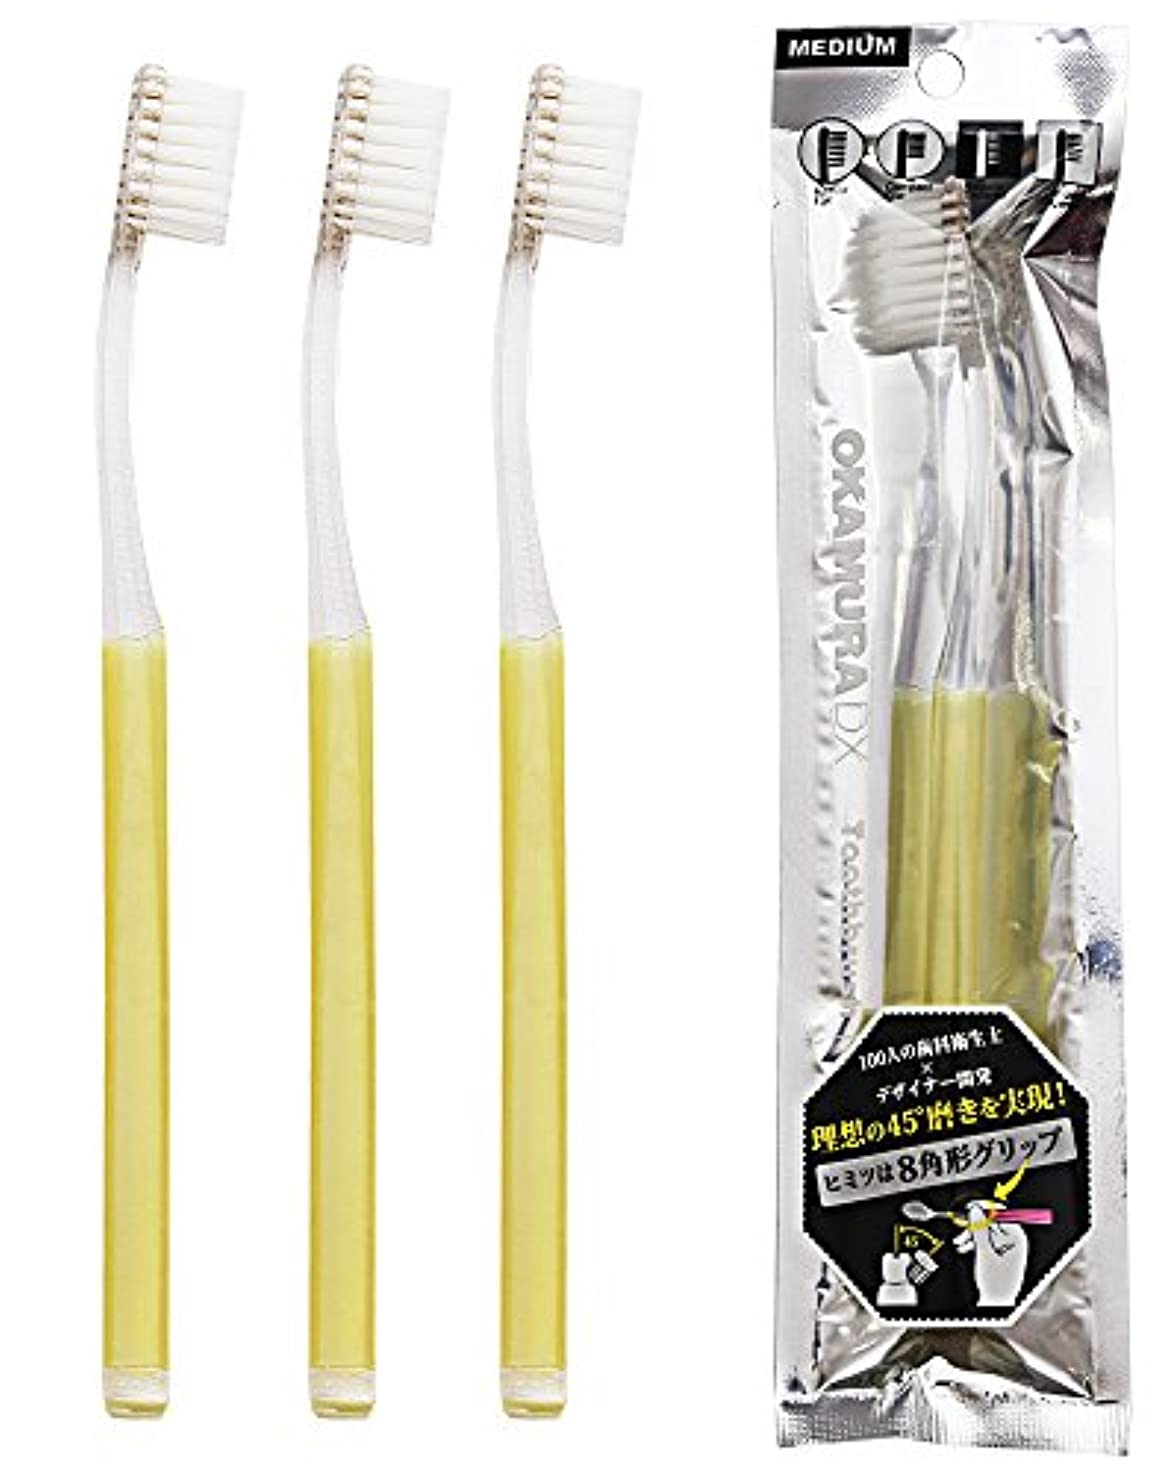 一握り焼く大胆オカムラ(OKAMURA) ラージヘッド 先細 歯ブラシ 3本セット イエロー